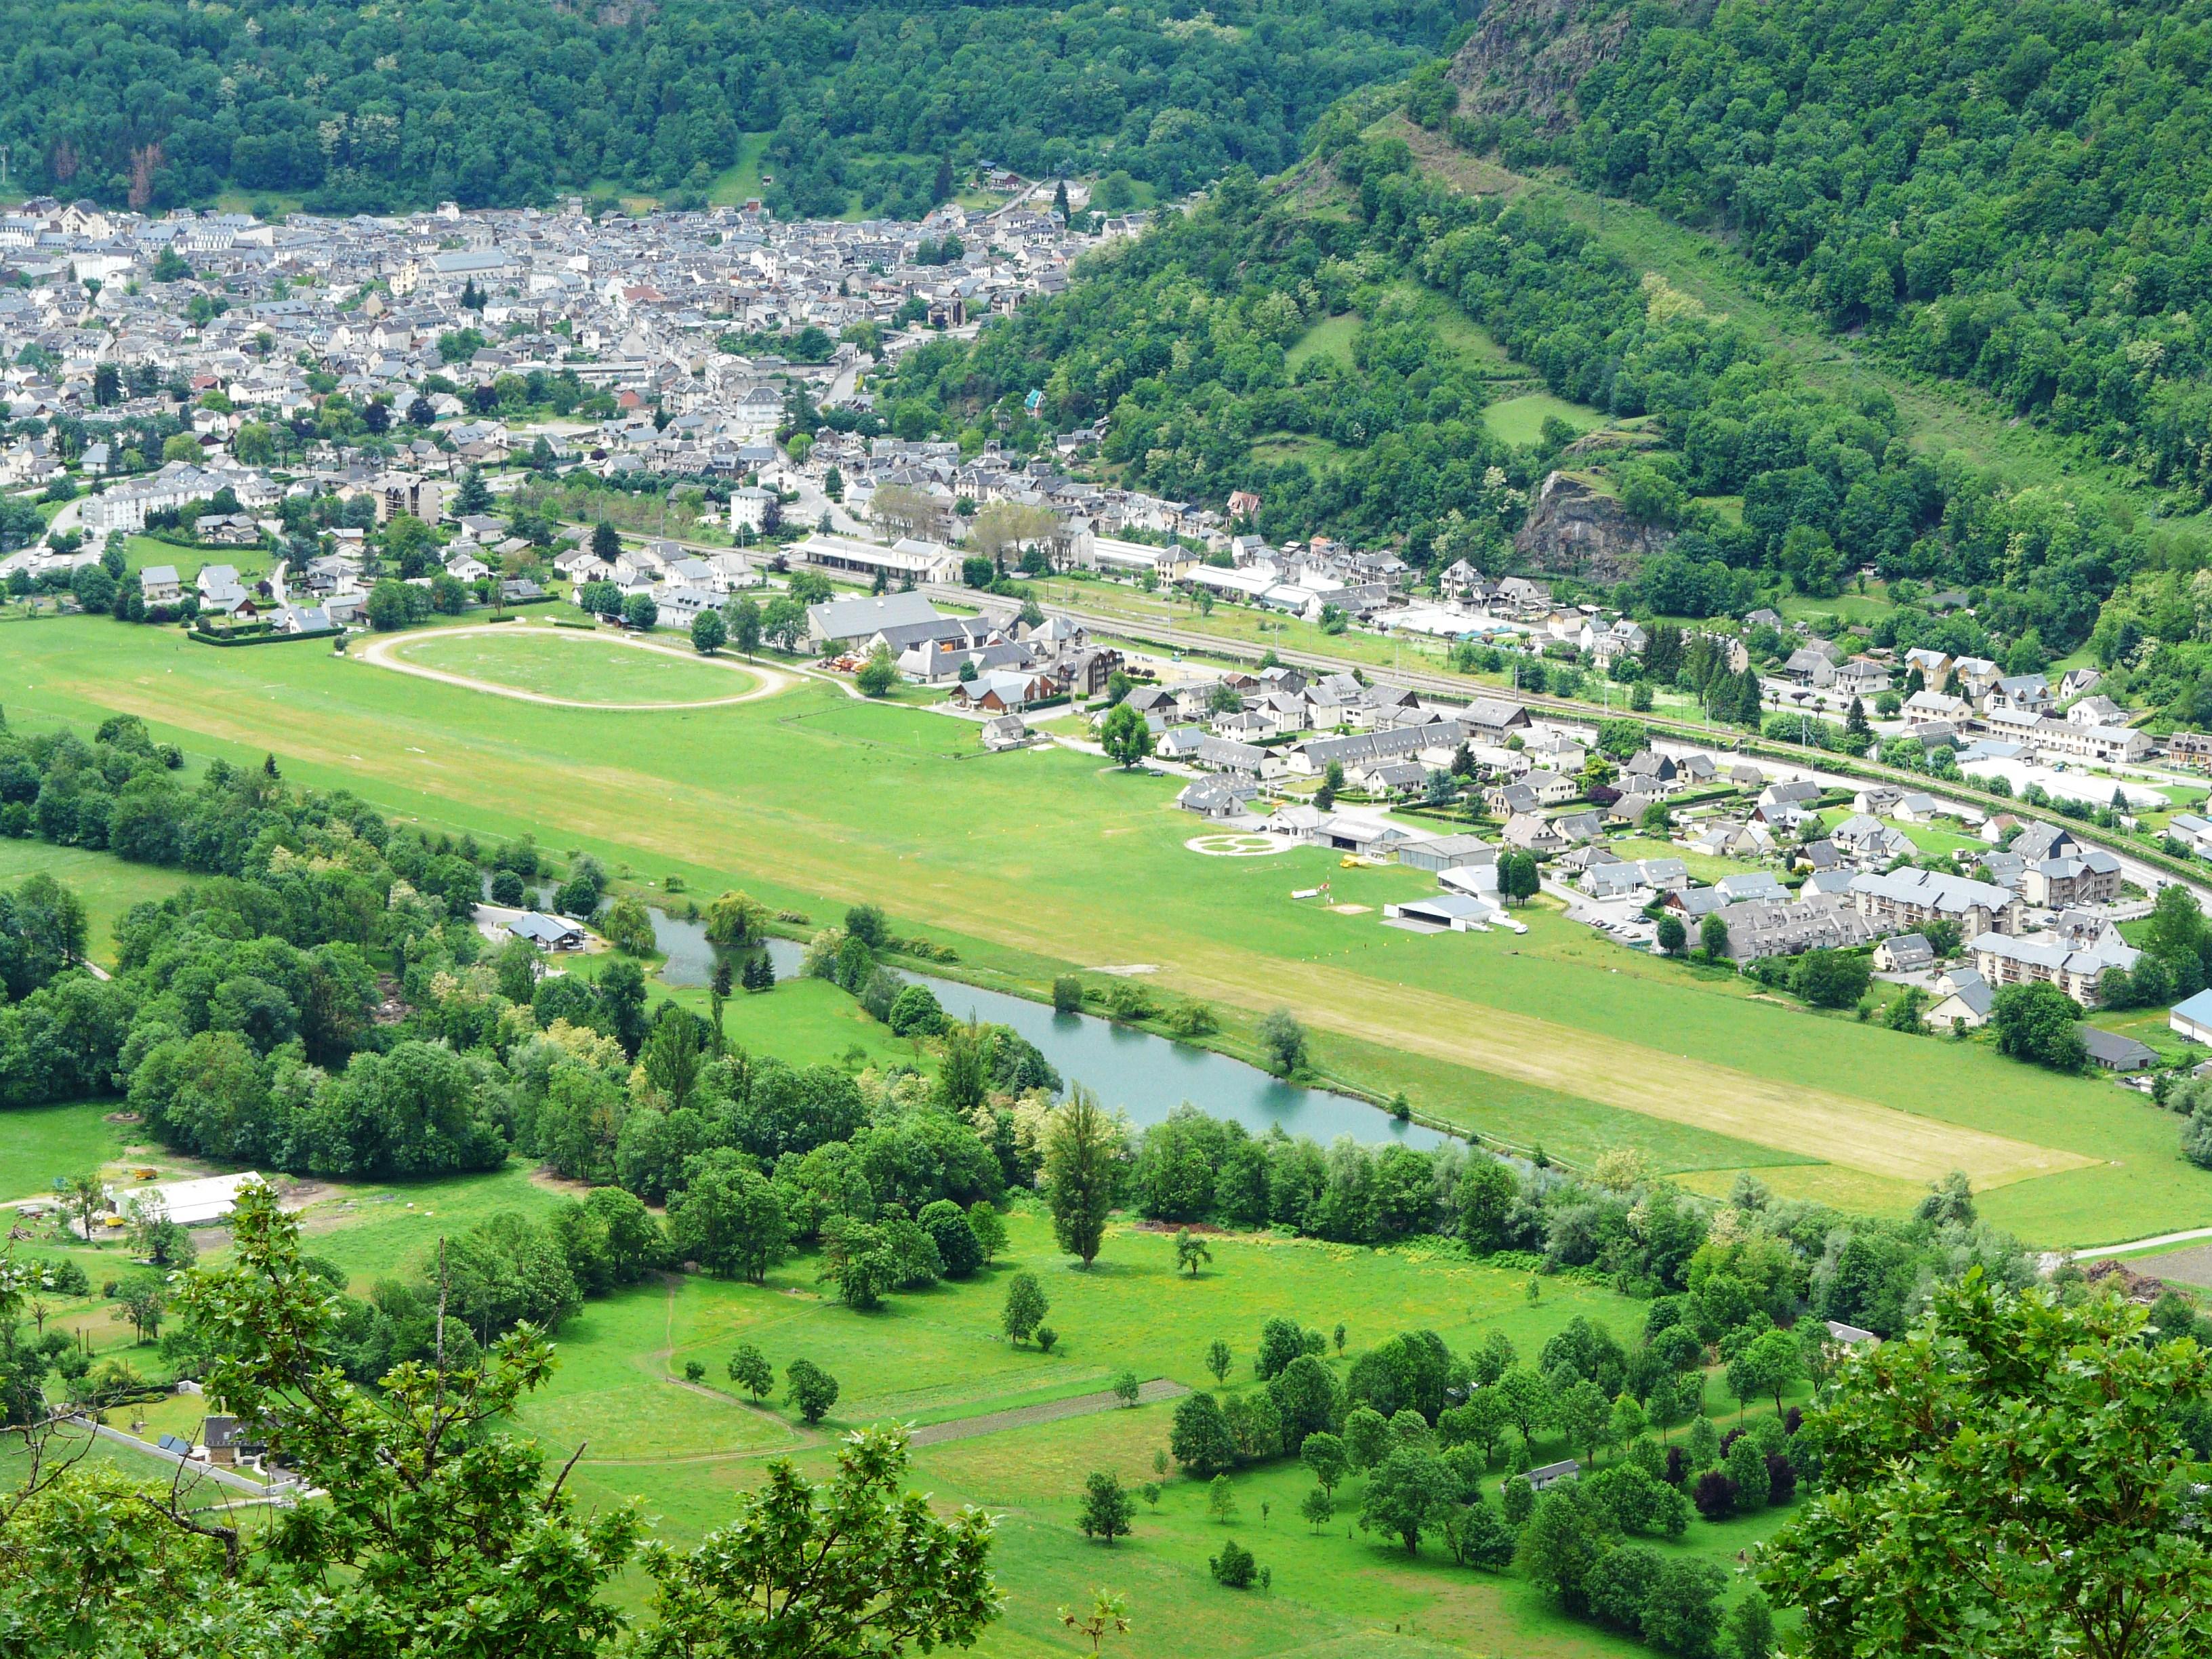 Bagneres-de-Luchon France  city pictures gallery : Bagnères de Luchon vallée de Luchon 3 Wikimedia Commons